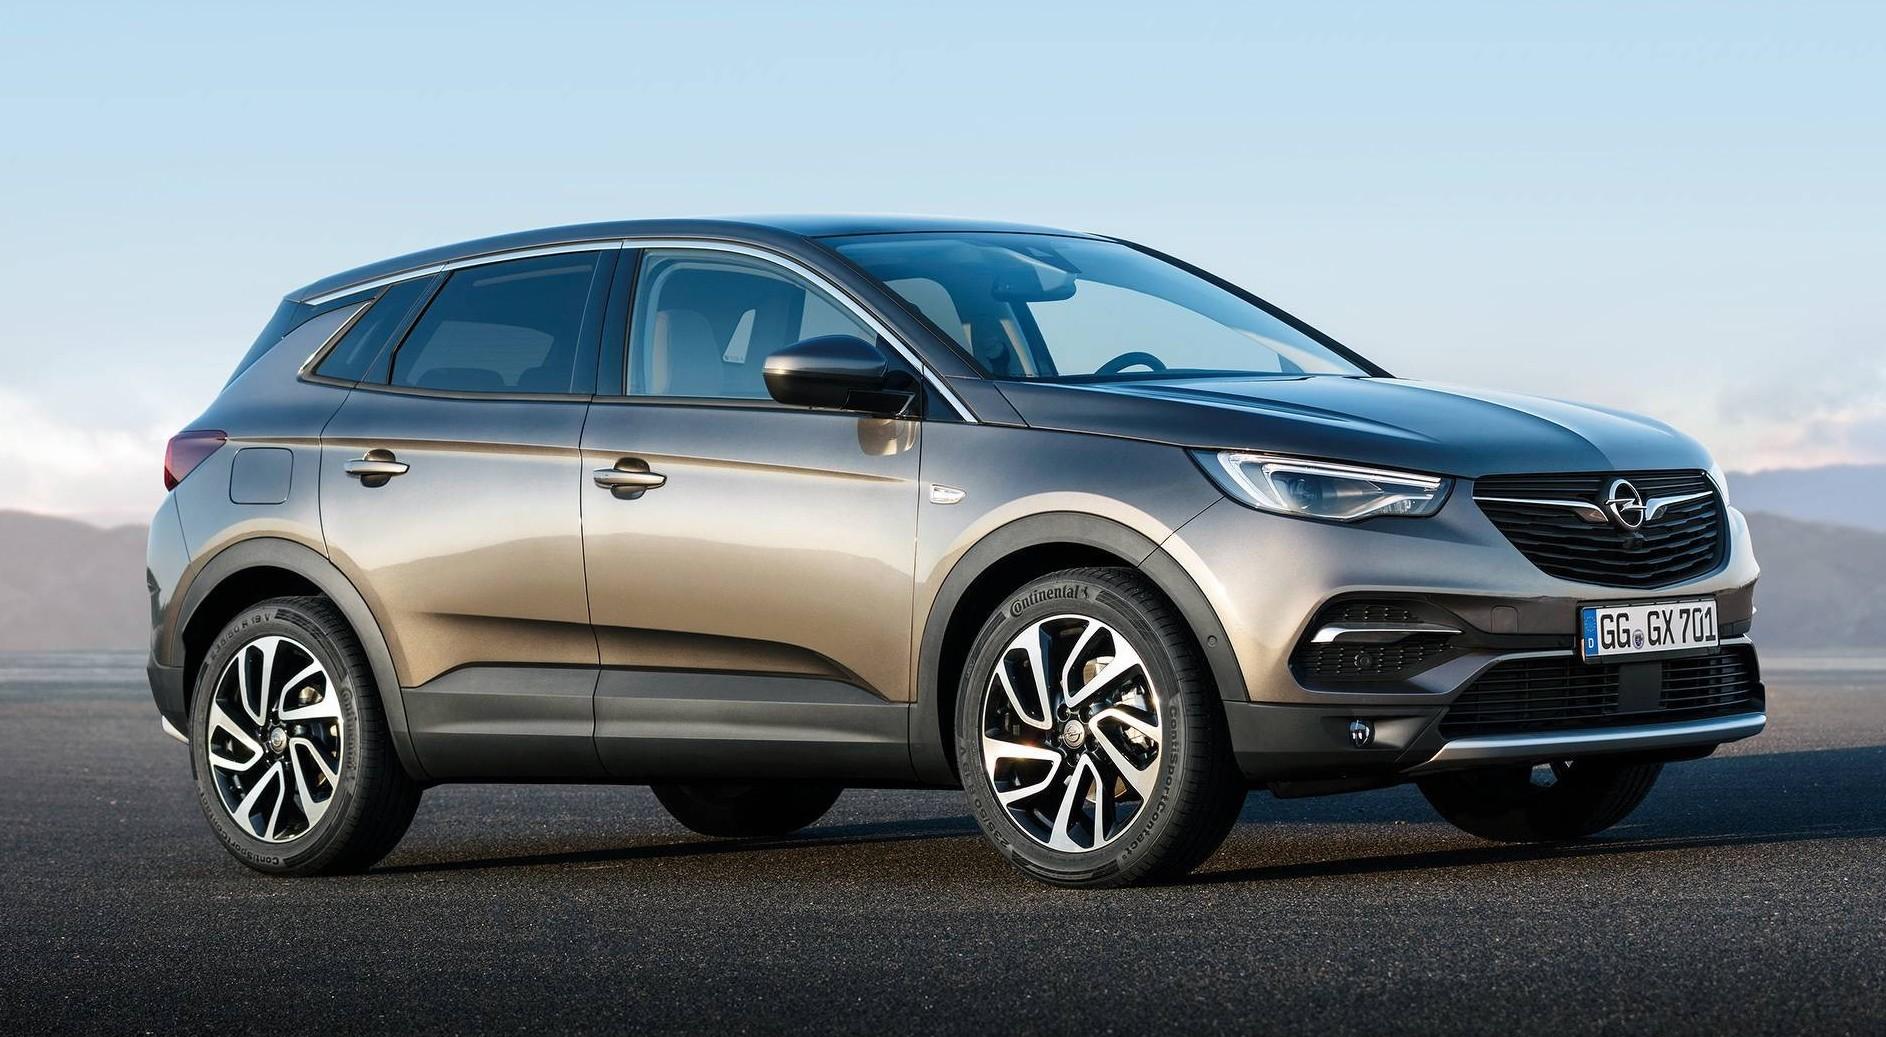 Auto Opel sconti e offerte Giugno 2019 c